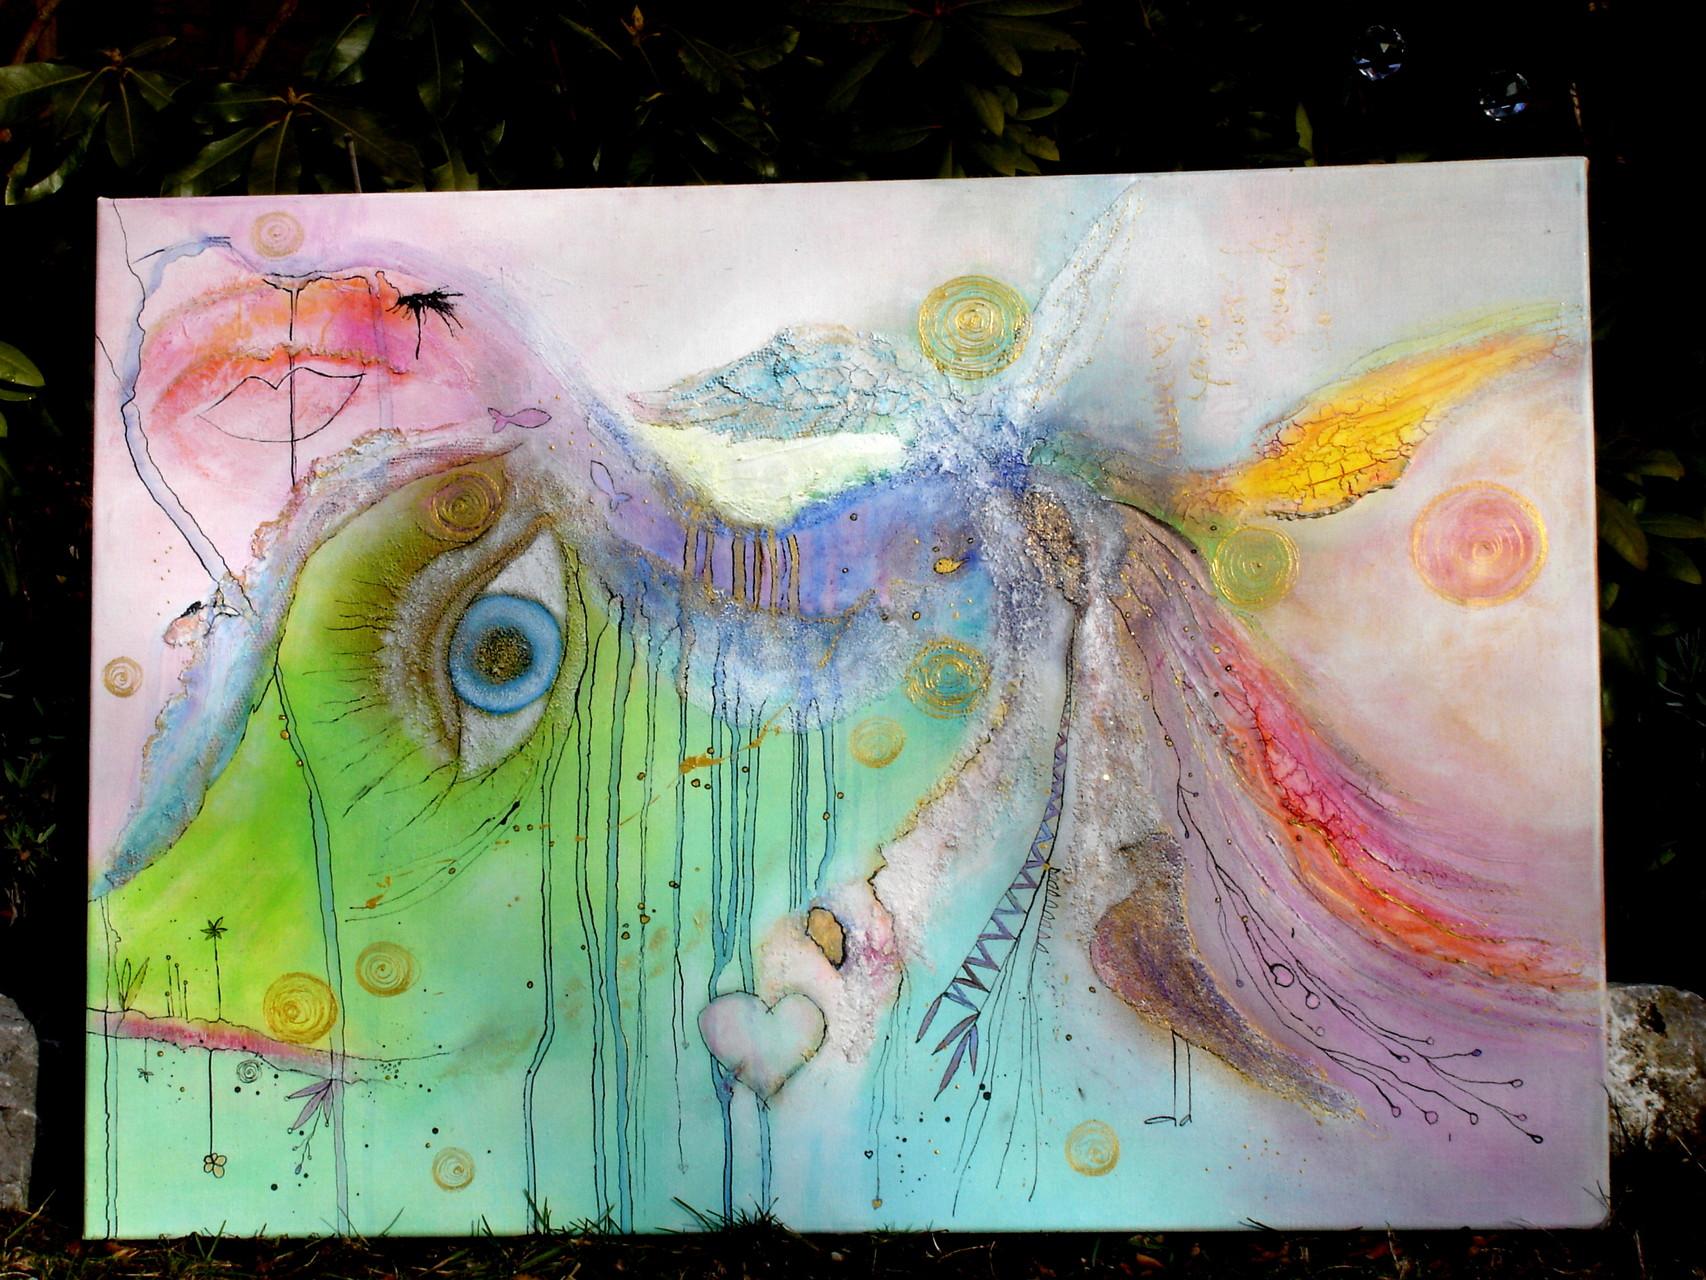 'Träumchenmalerei' - 2016/2 - Acryl auf Leinwand - 100 x 70 cm - verkauft (Deutschland)